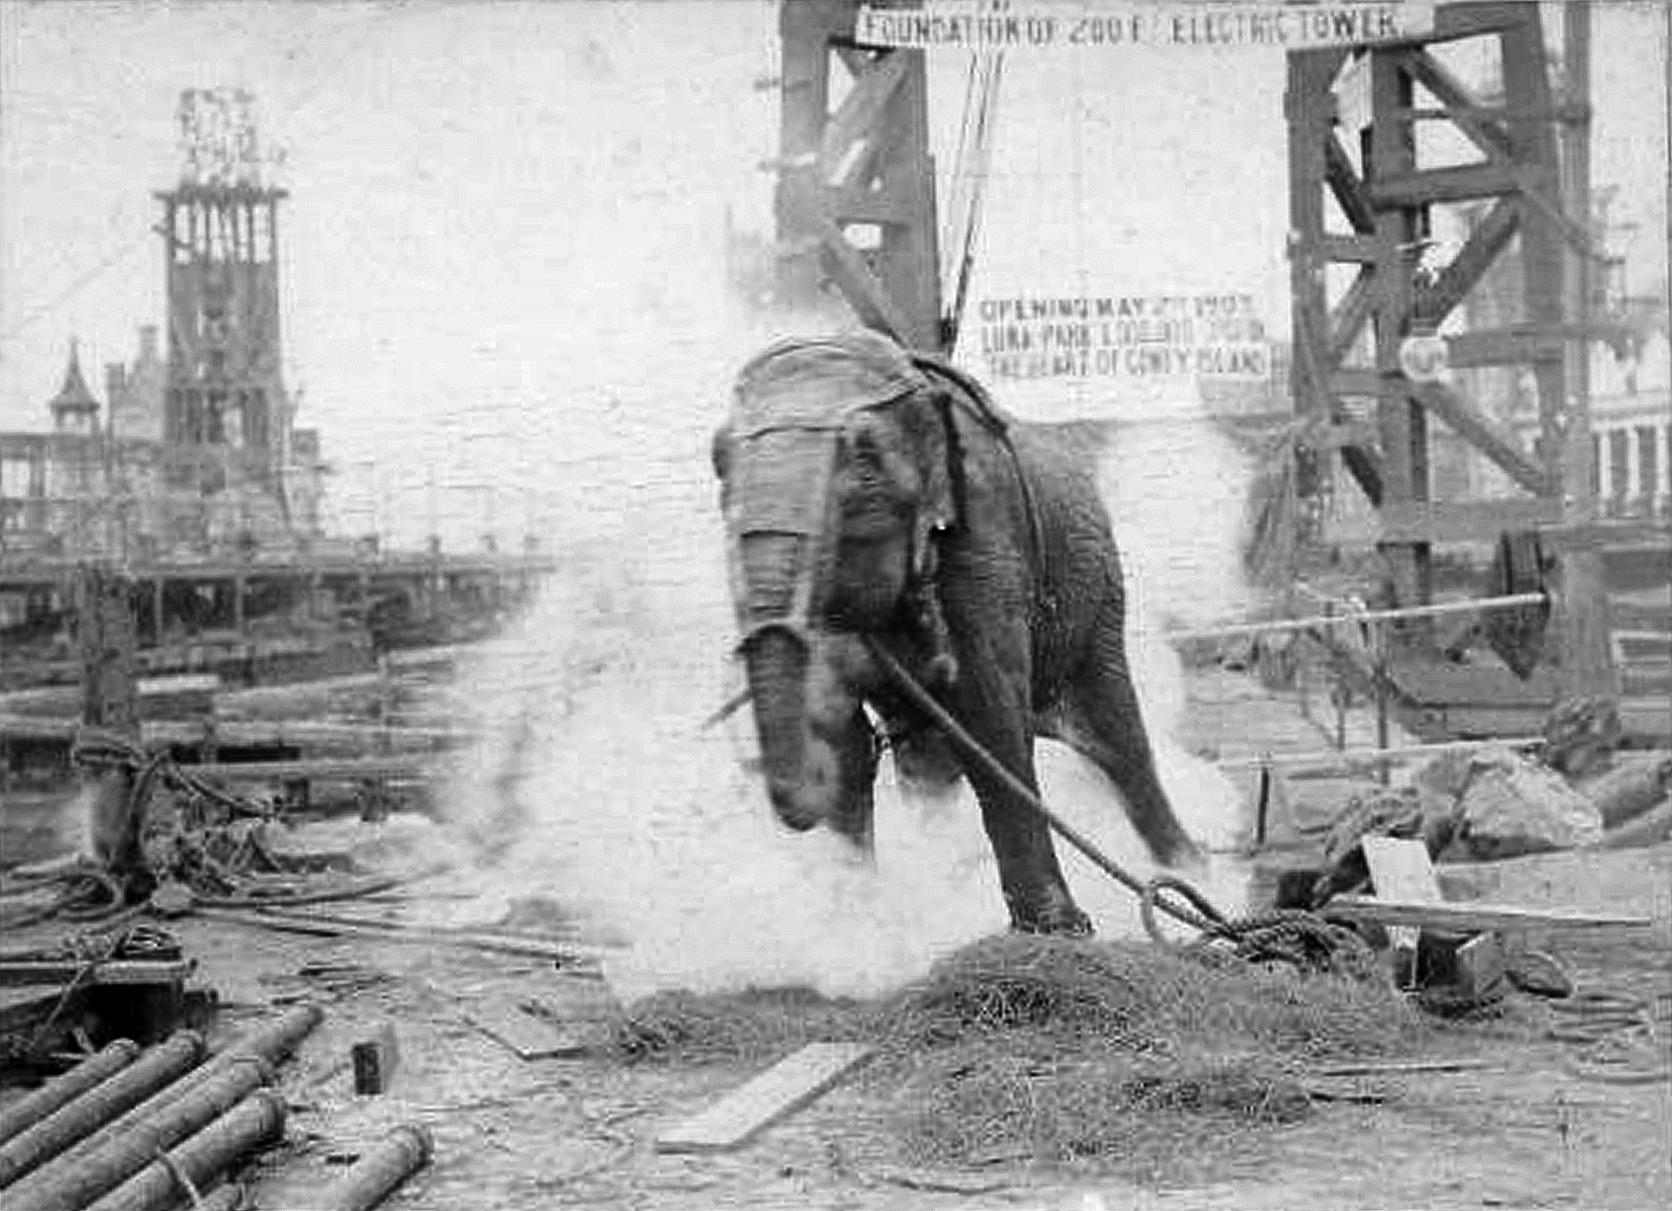 Αποτέλεσμα εικόνας για topsy the elephant death